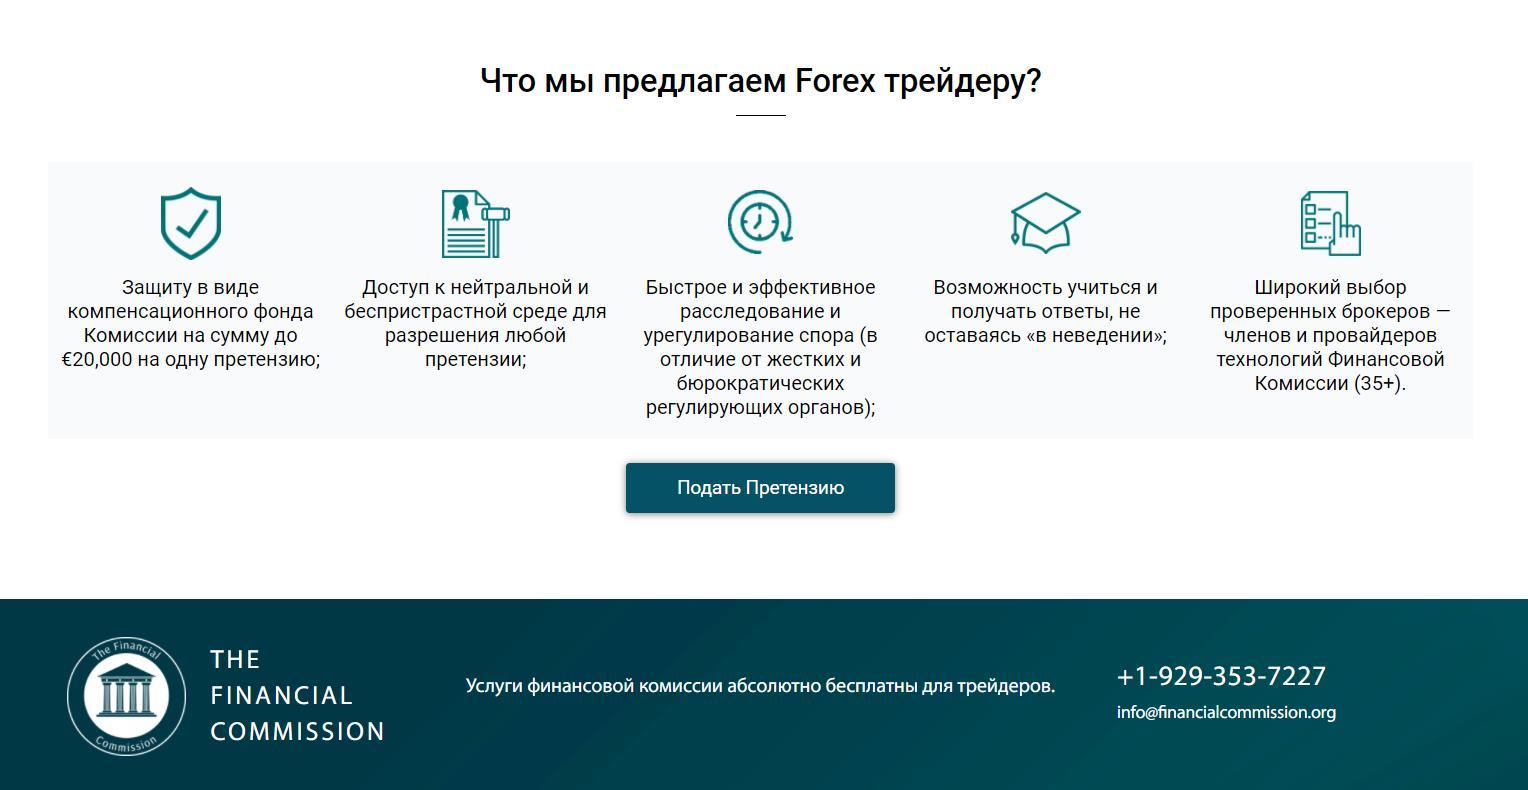 сервисы для трейдеров от the financial commission